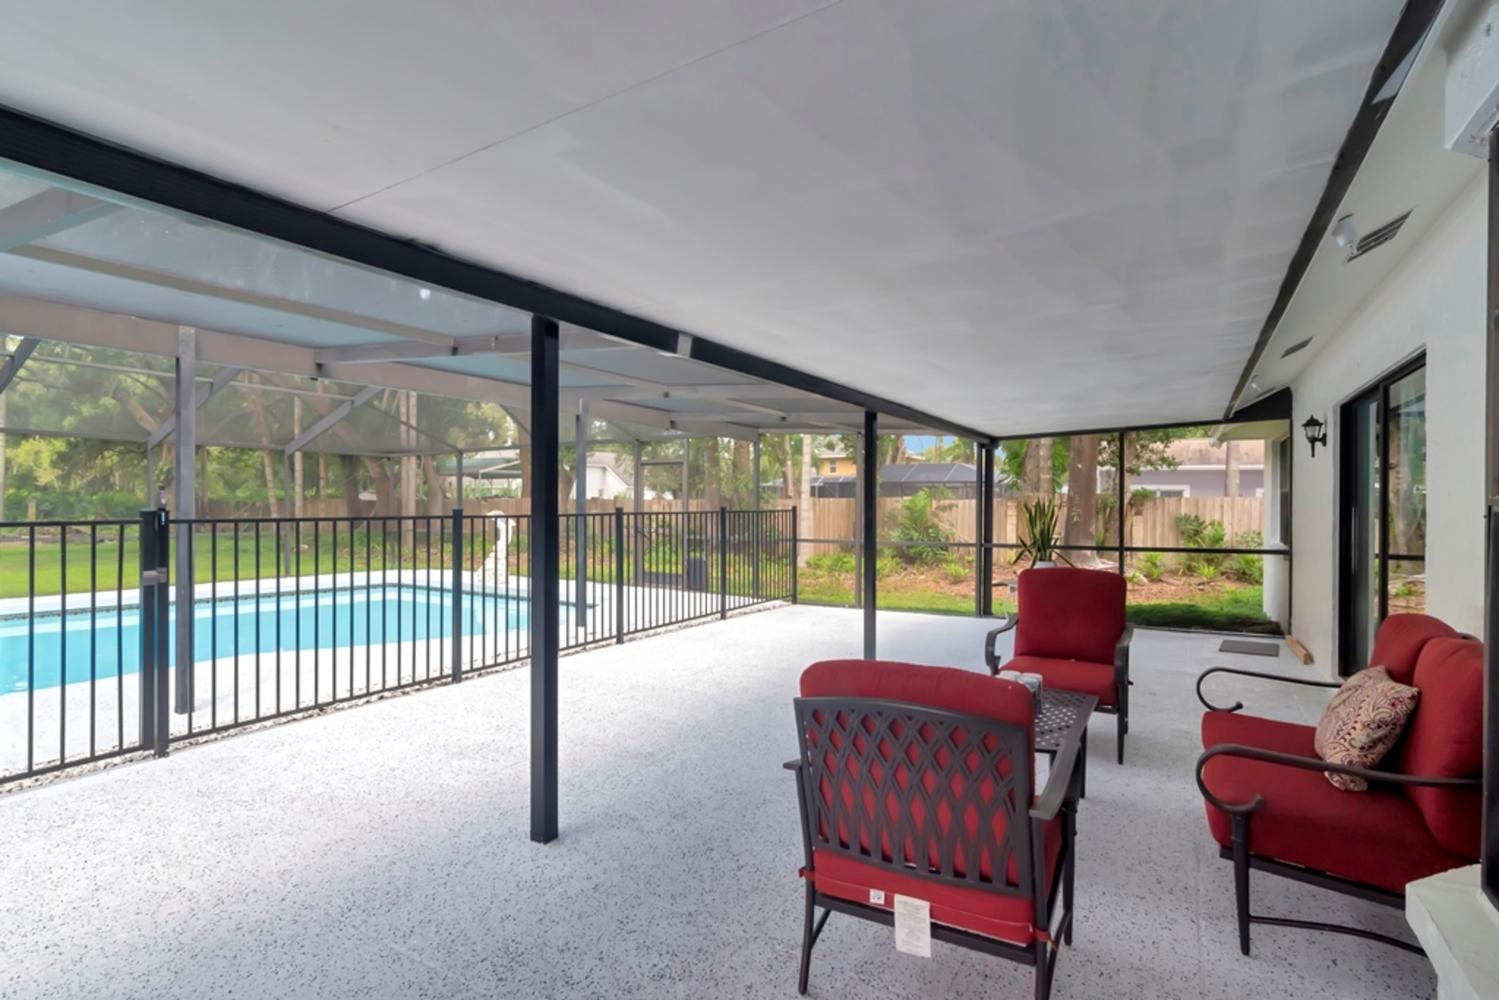 55  patio